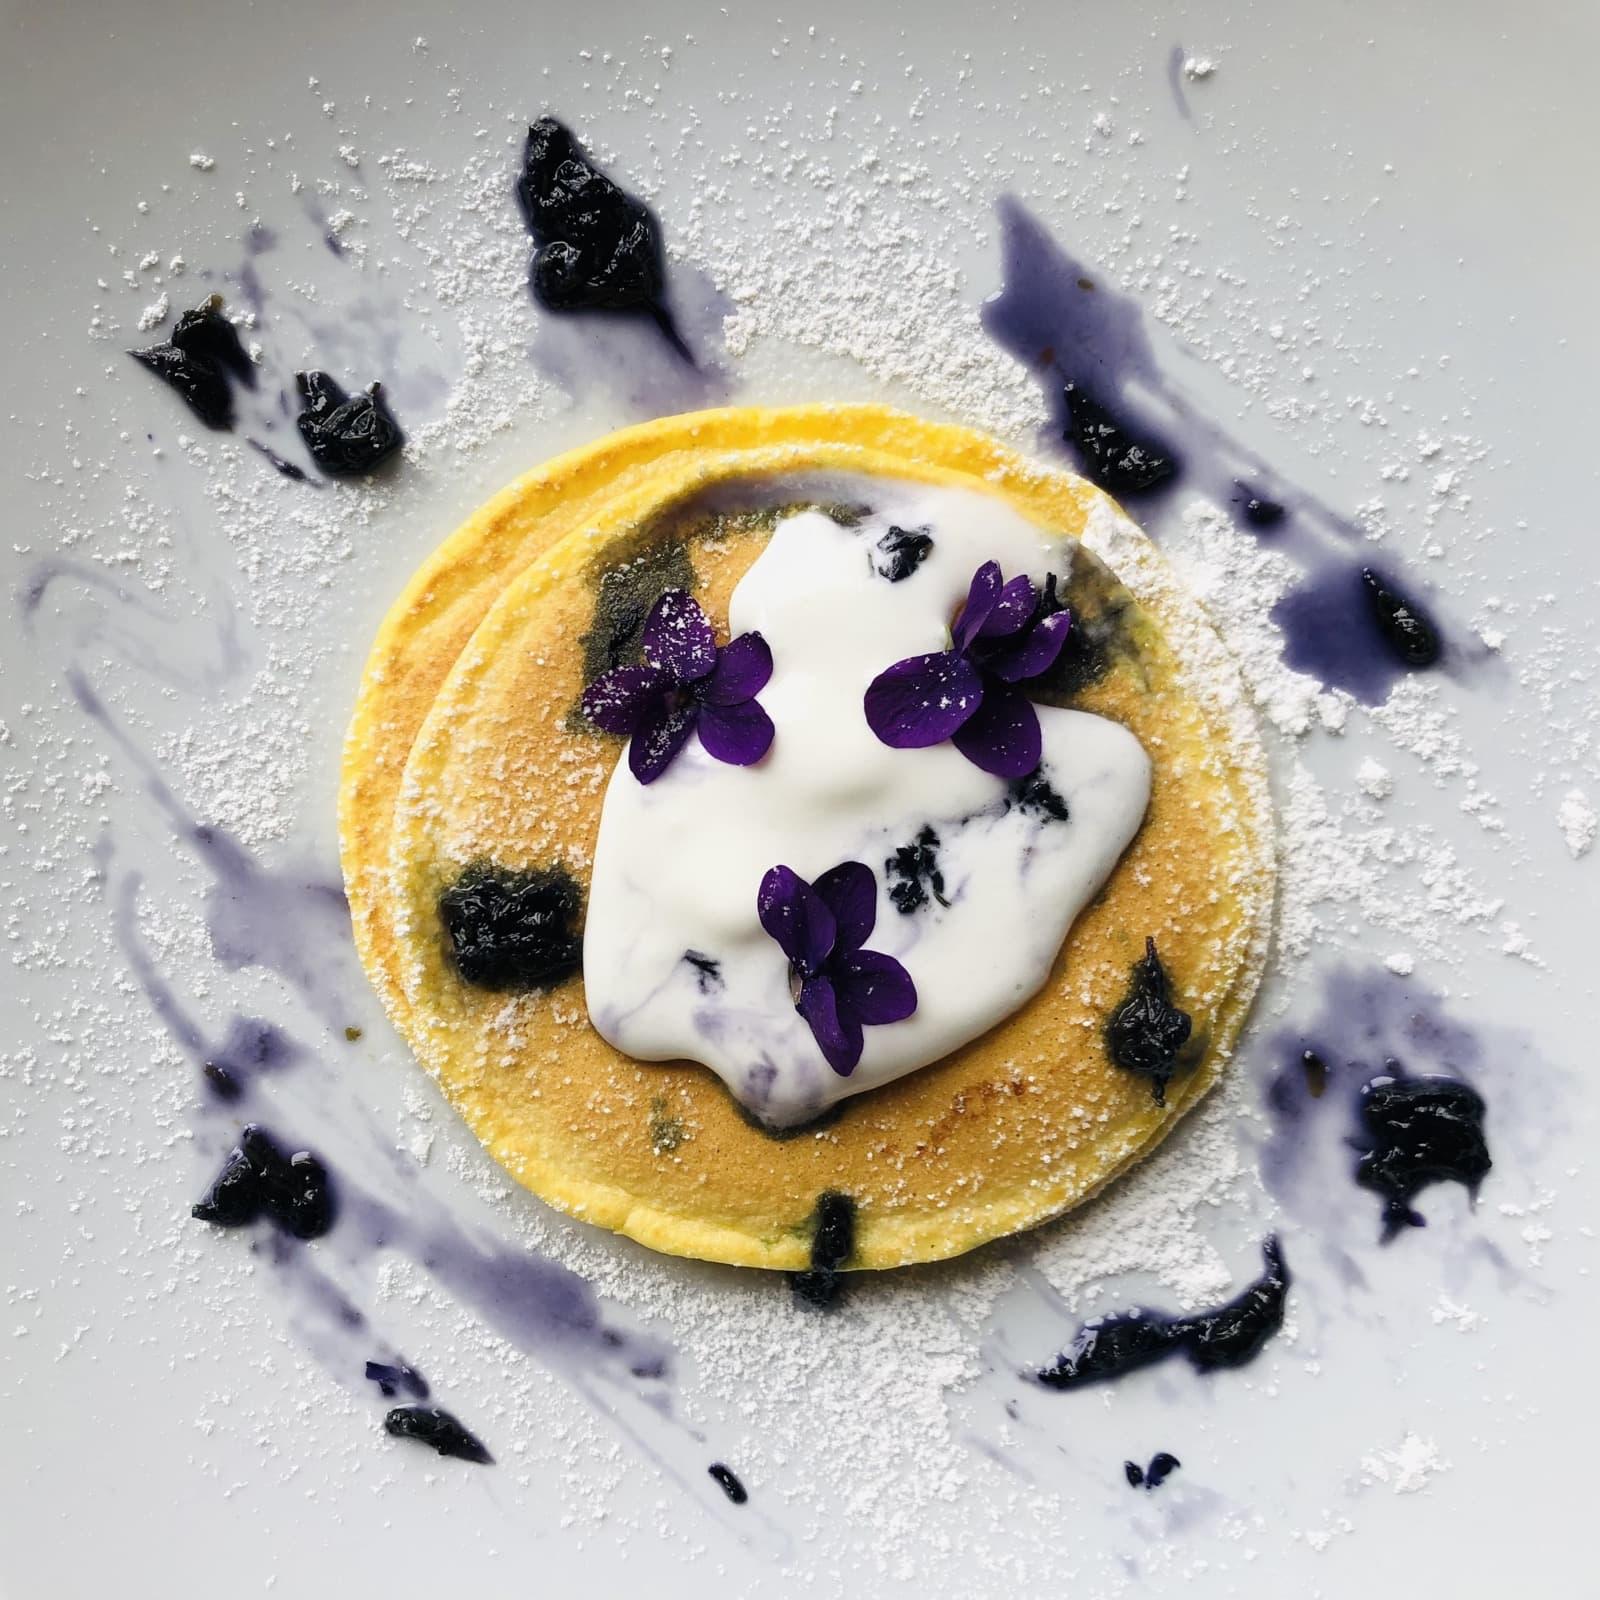 Violet Jam recipe | Ph. FedeCortezzi